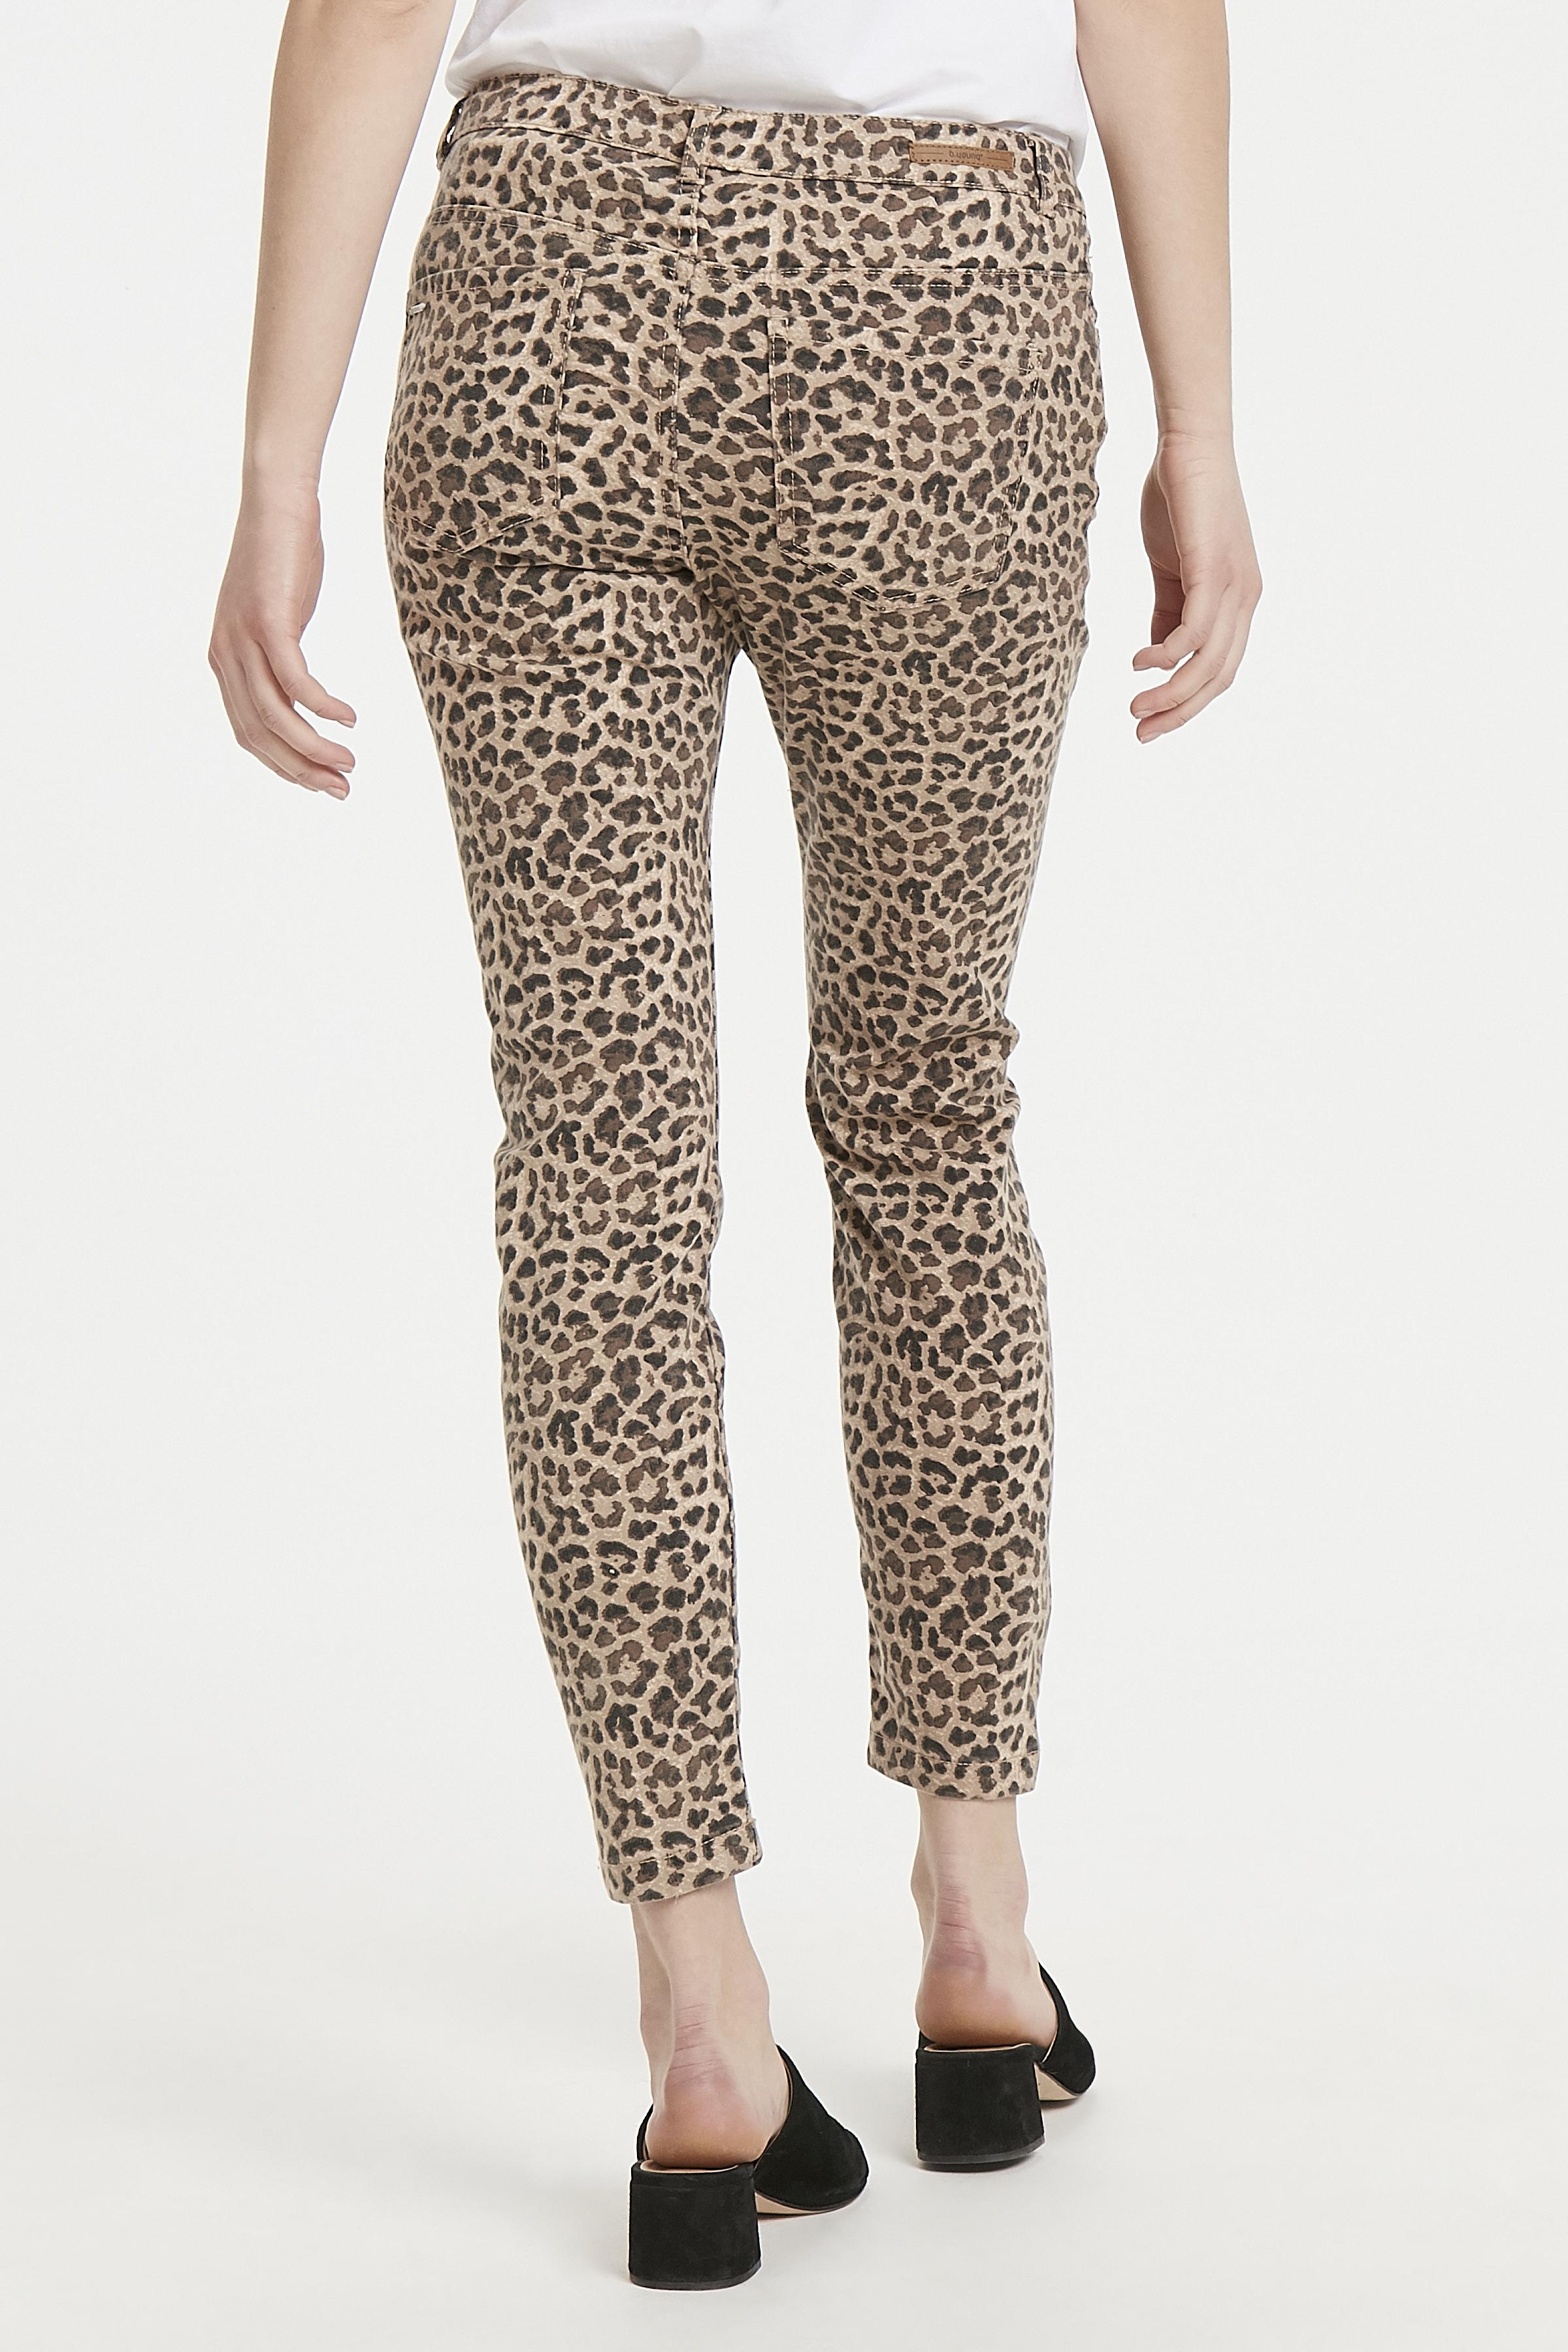 Moonlight combi Jeans von b.young – Kaufen Sie Moonlight combi Jeans aus Größe 25-36 hier